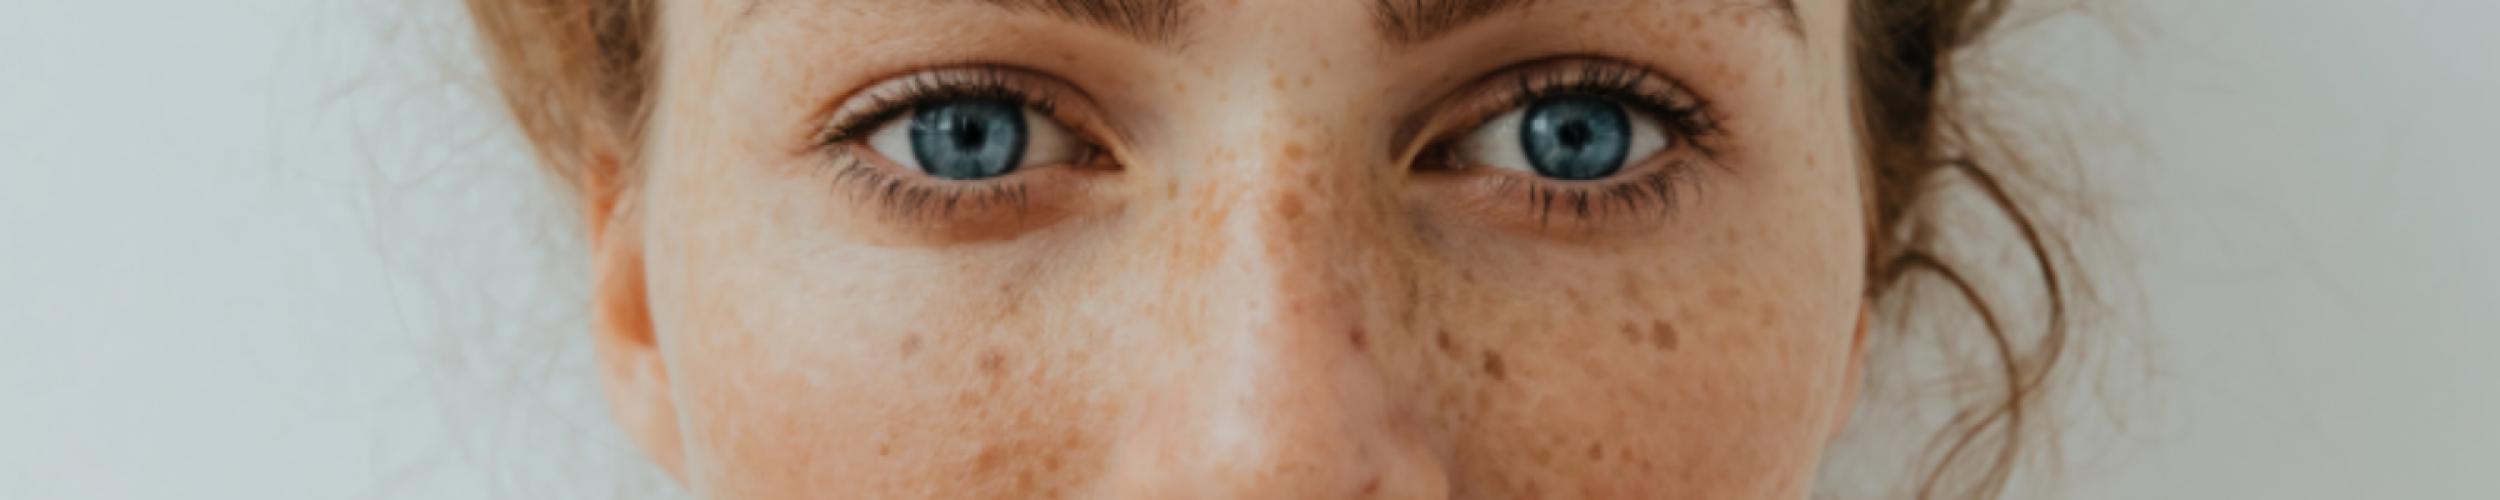 Heeft een vette huid ook hydratatie nodig?